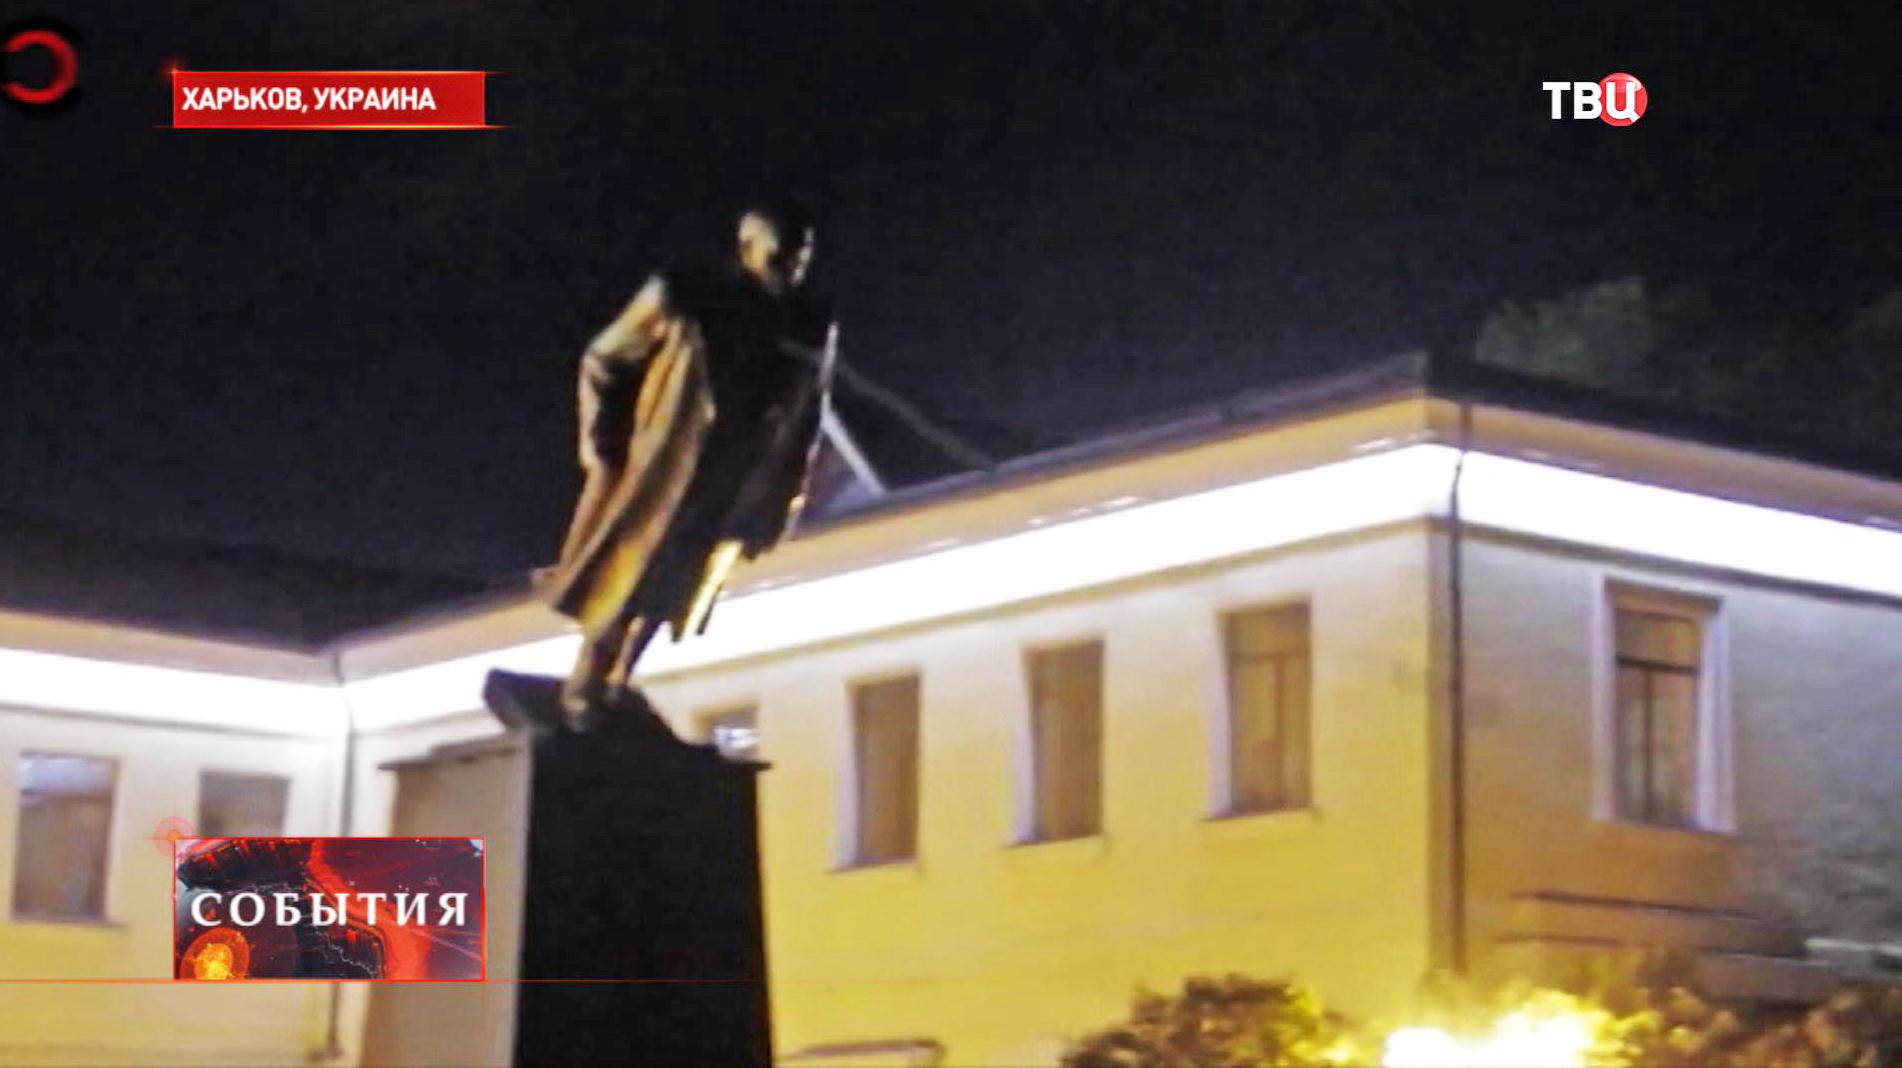 Снос памятника Ленину в Харькове